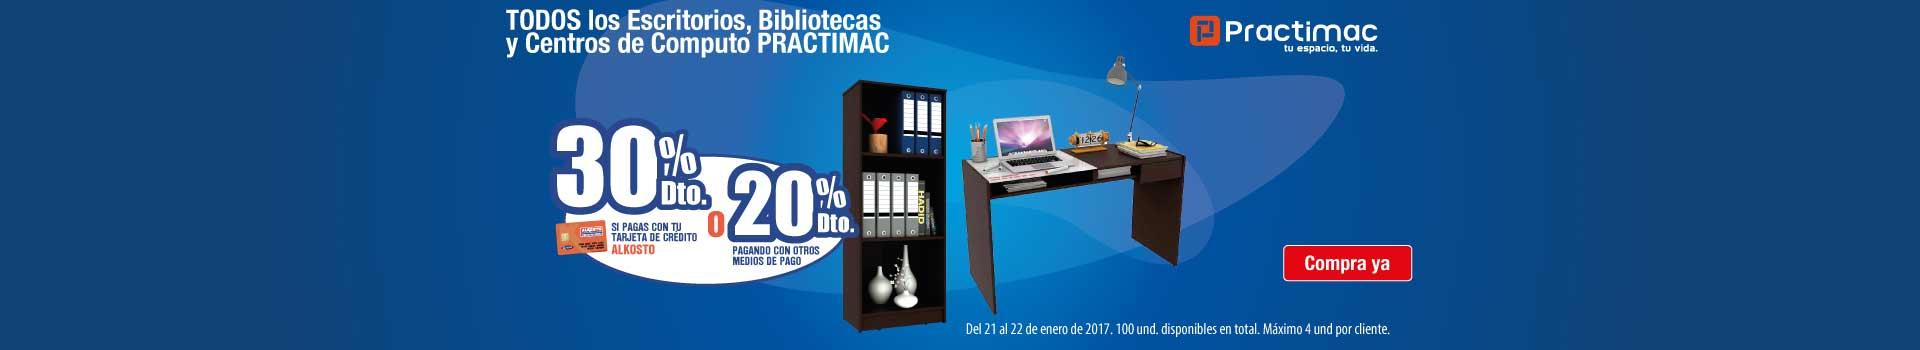 HIPER AK- 30% dto TCA 20% CMP en escritorio bibliotecas centros de computo practimac - ene21